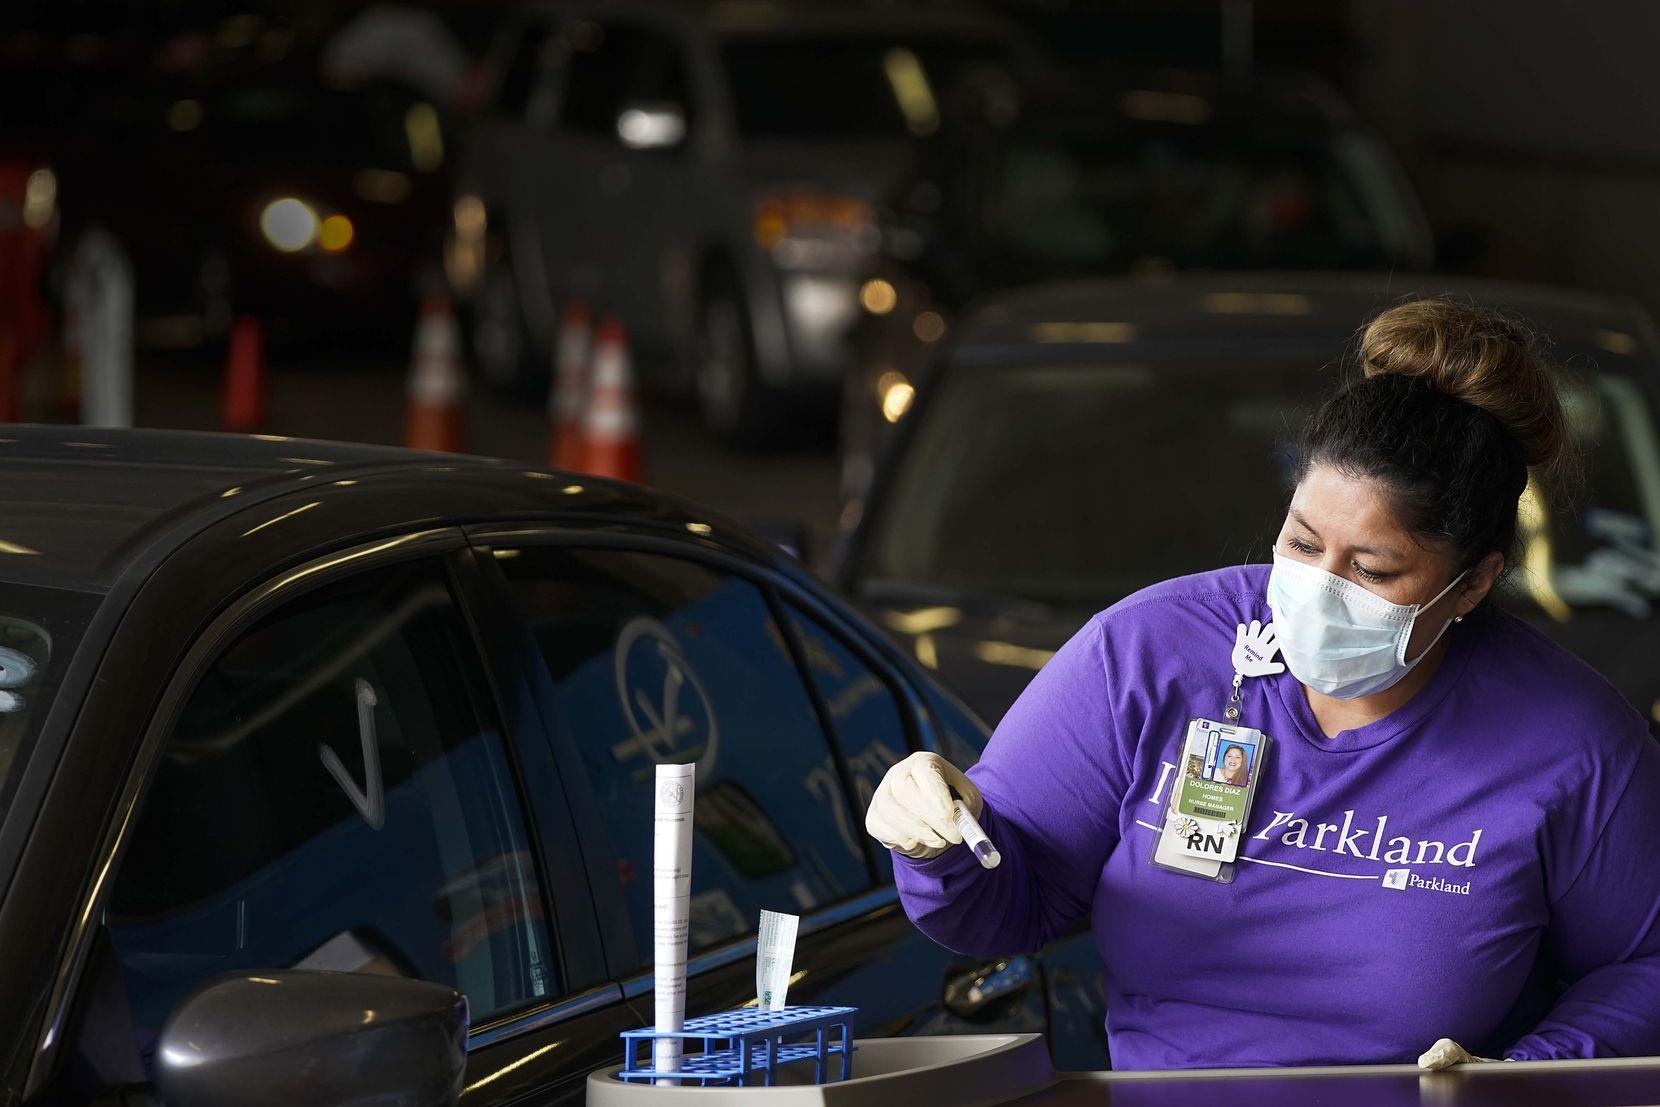 Dolores Díaz ha tenido pocos días de descanso desde que comenzó la emergencia del coronavirus. Ella dirige a las enfermeras en los sitios drive-thru donde se realizan pruebas de covid-19.